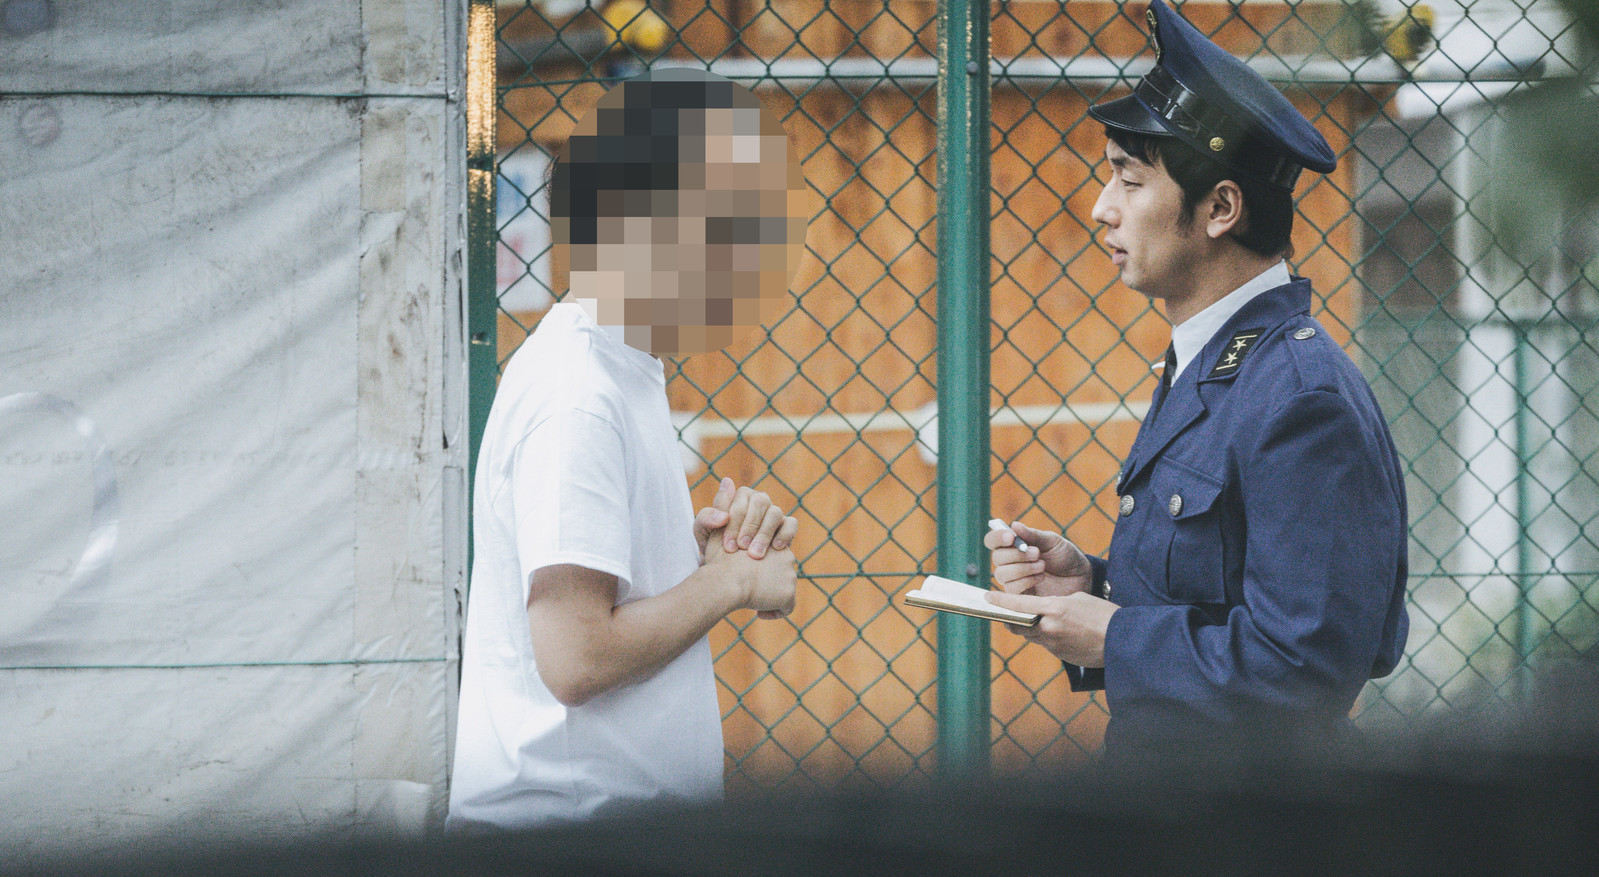 「挙動不審な男性に声をかける警察官」の写真[モデル:大川竜弥]